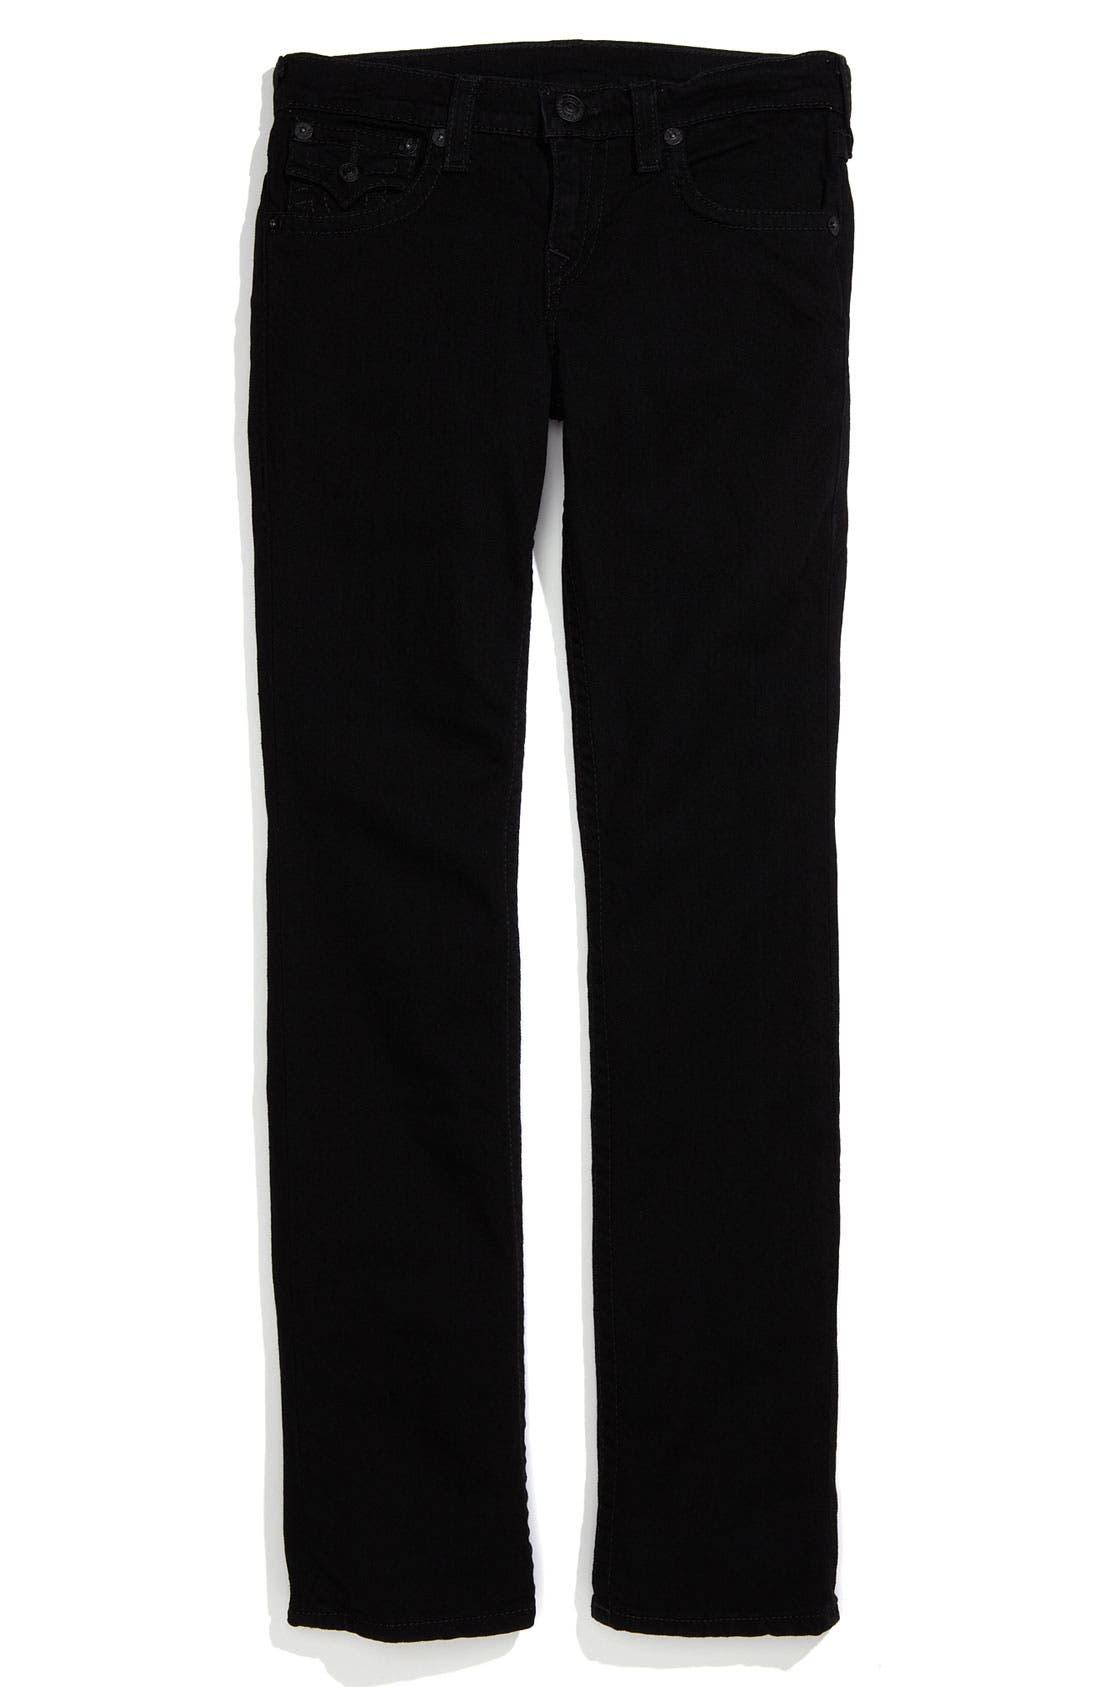 Alternate Image 2  - True Religion Brand Jeans 'Jack' Straight Leg Jeans (Little Boys)